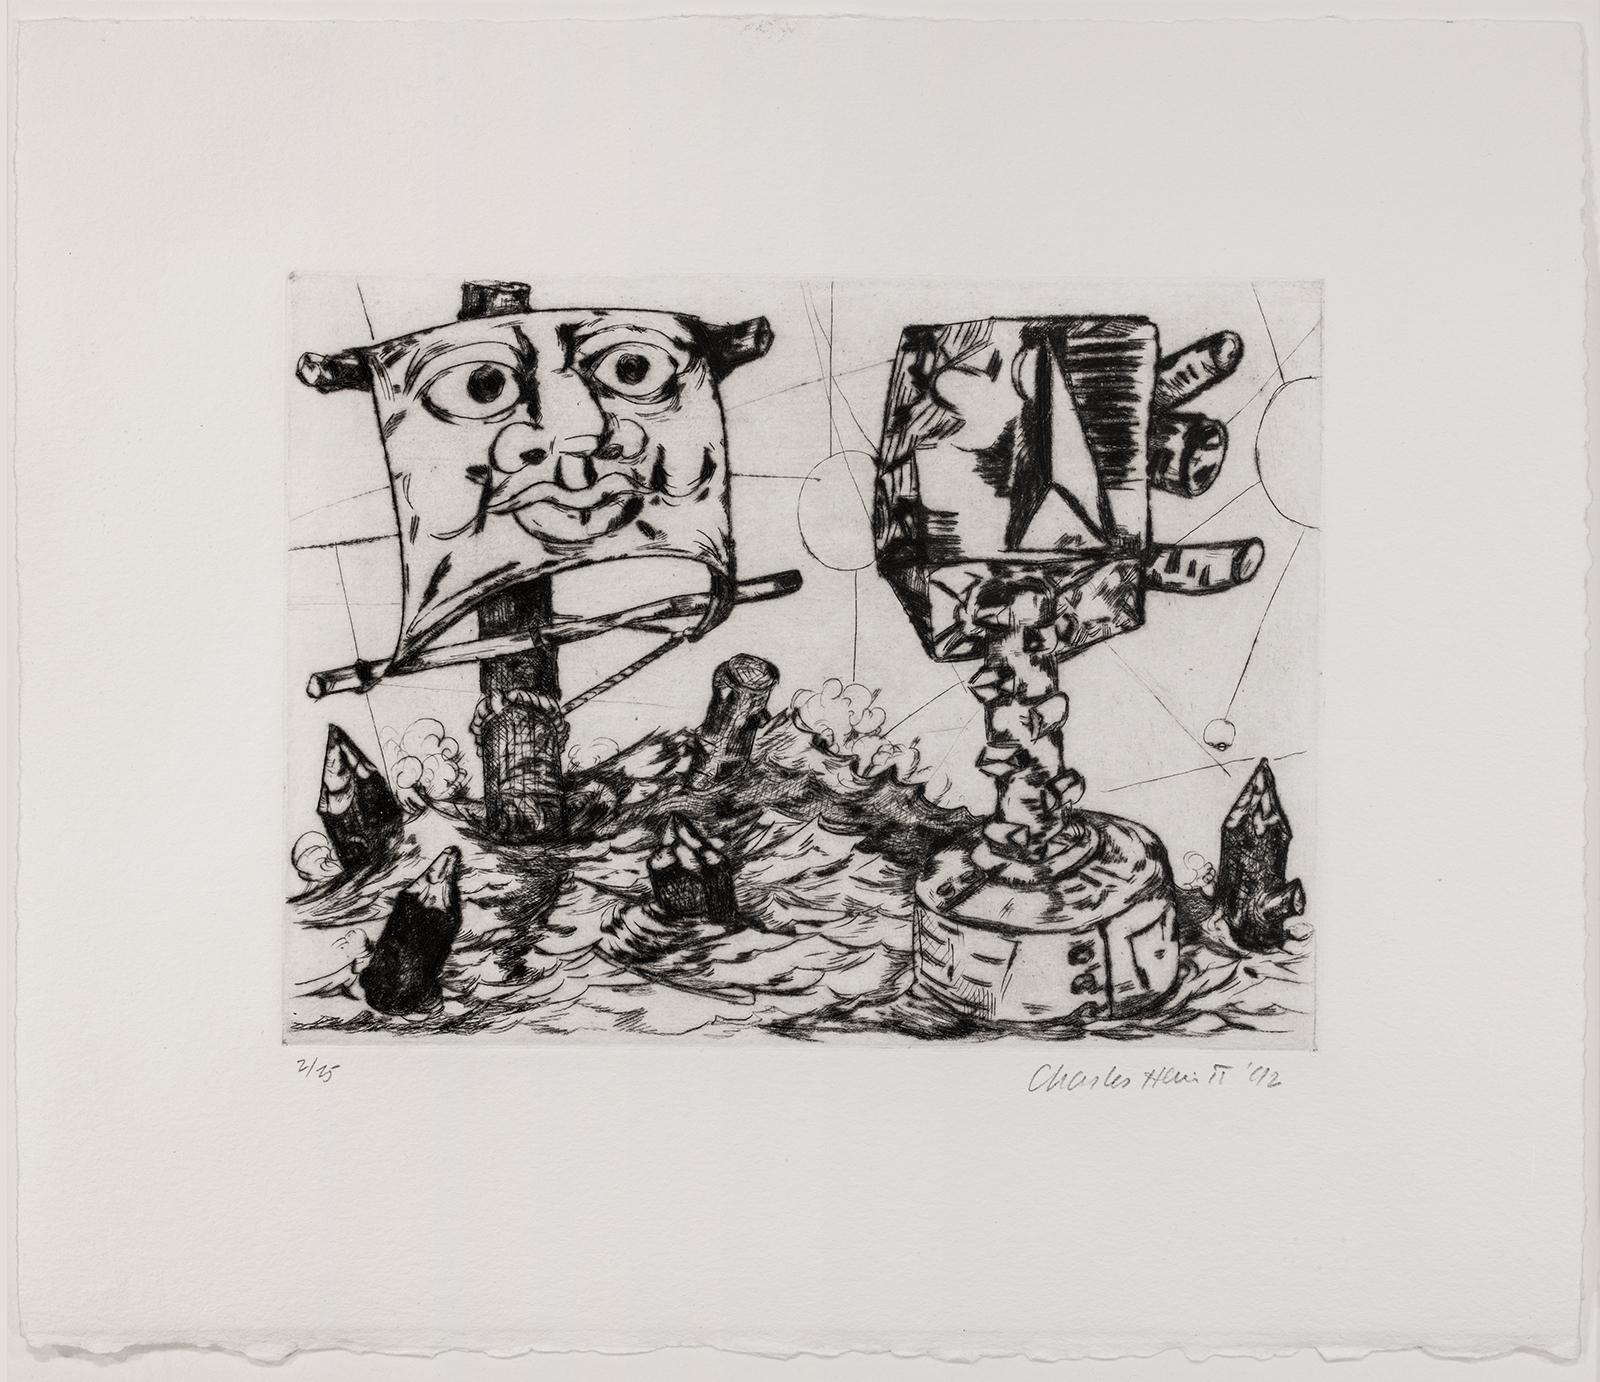 Charles Hewitt, Illuminations IX, 1992